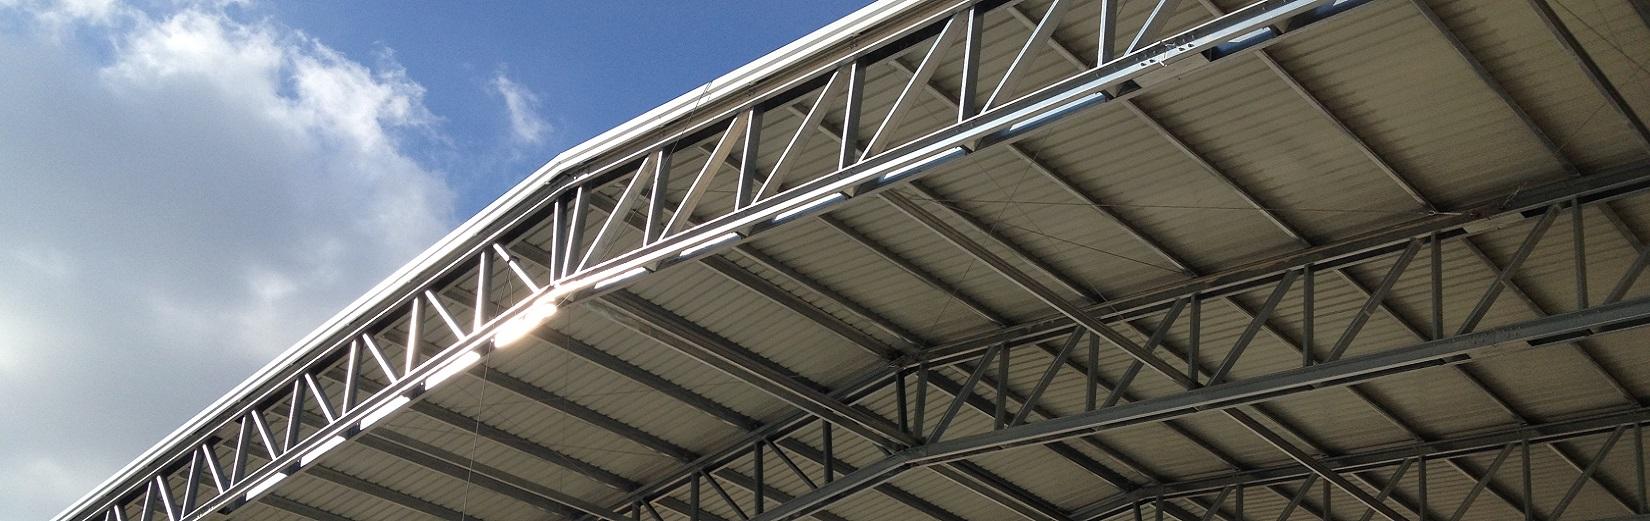 Bâtiments industriels avec structure métallique. Unité de production, plateforme logistique...